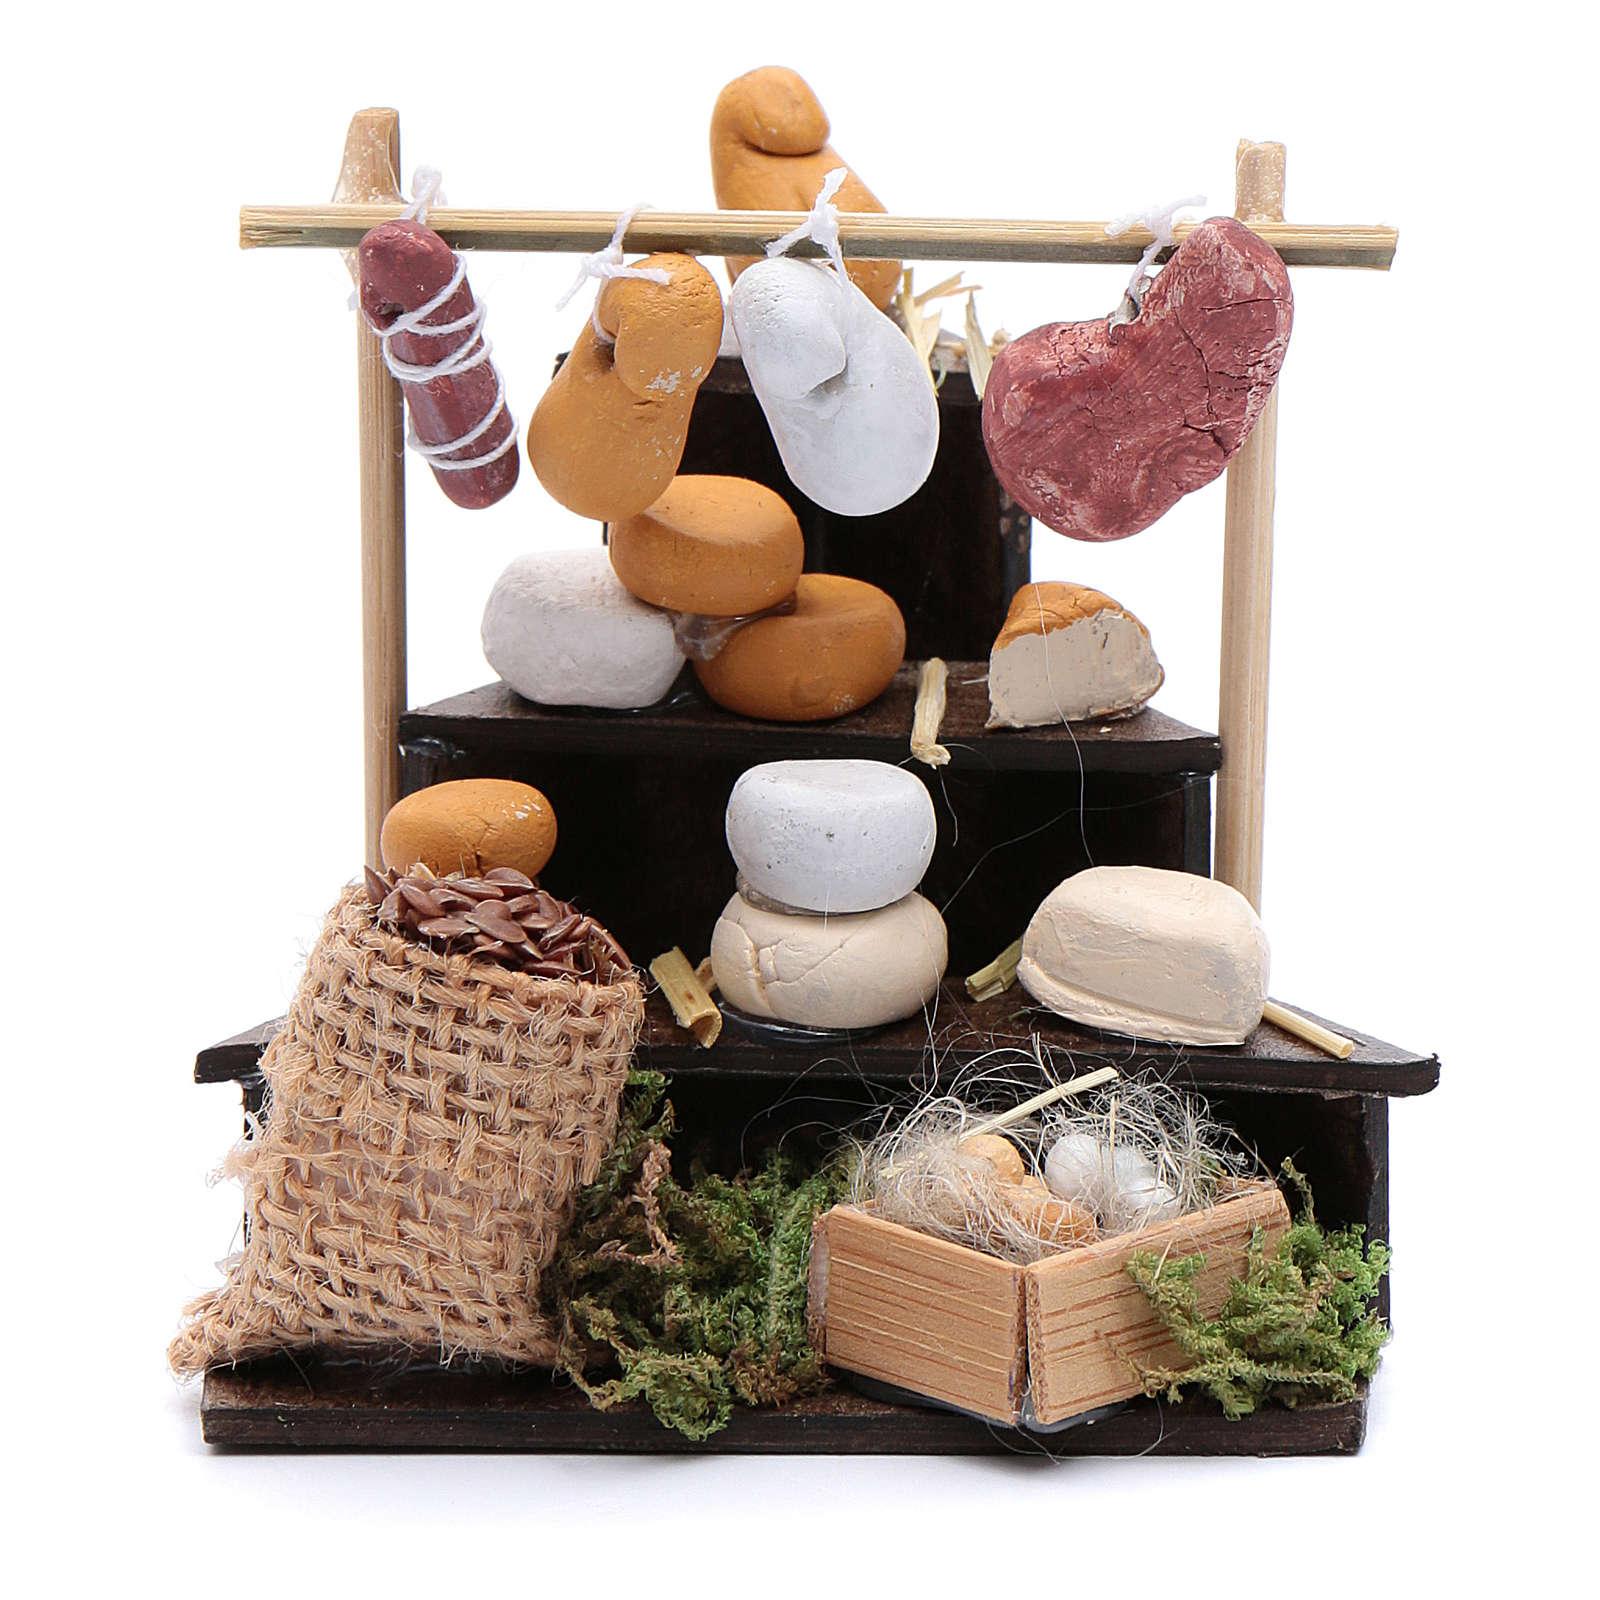 Banchetto di formaggi in miniatura accessori presepe napoletano 4